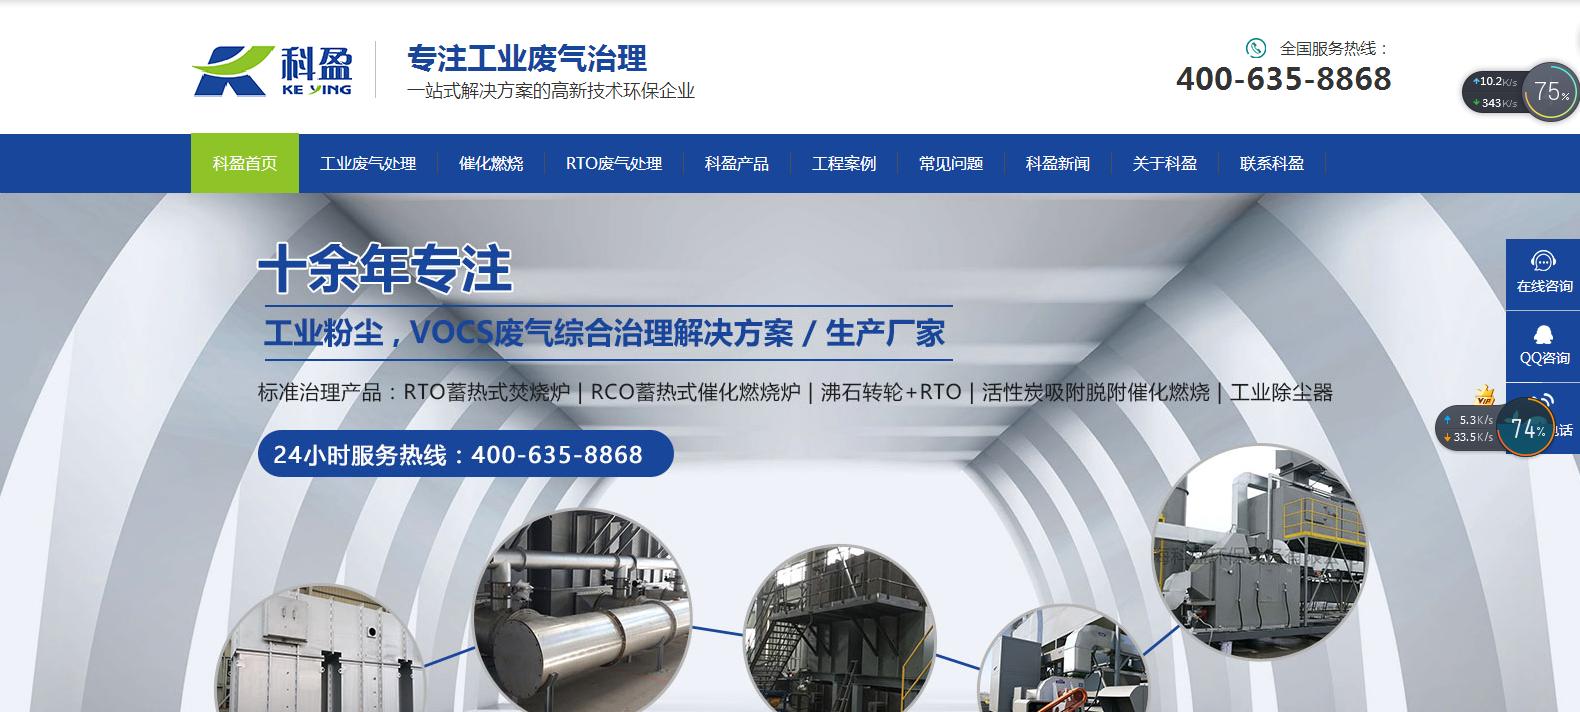 科盈废气处理营销型网站案例-追马网